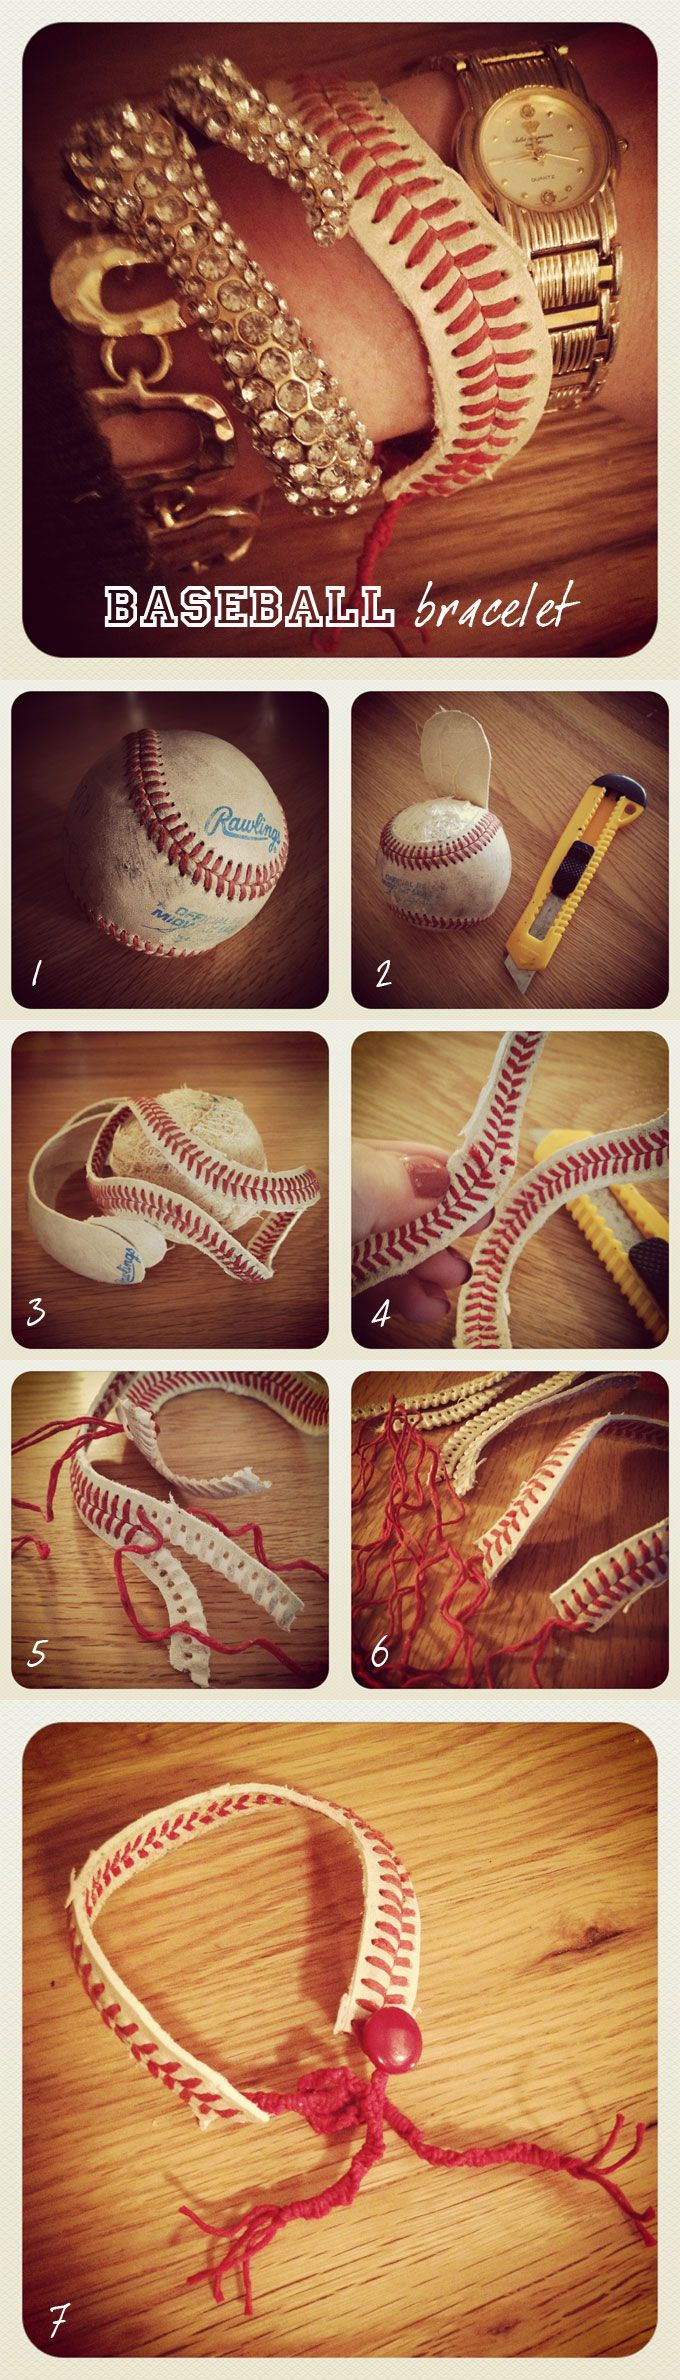 baseball-bracelet I NEED THIS!